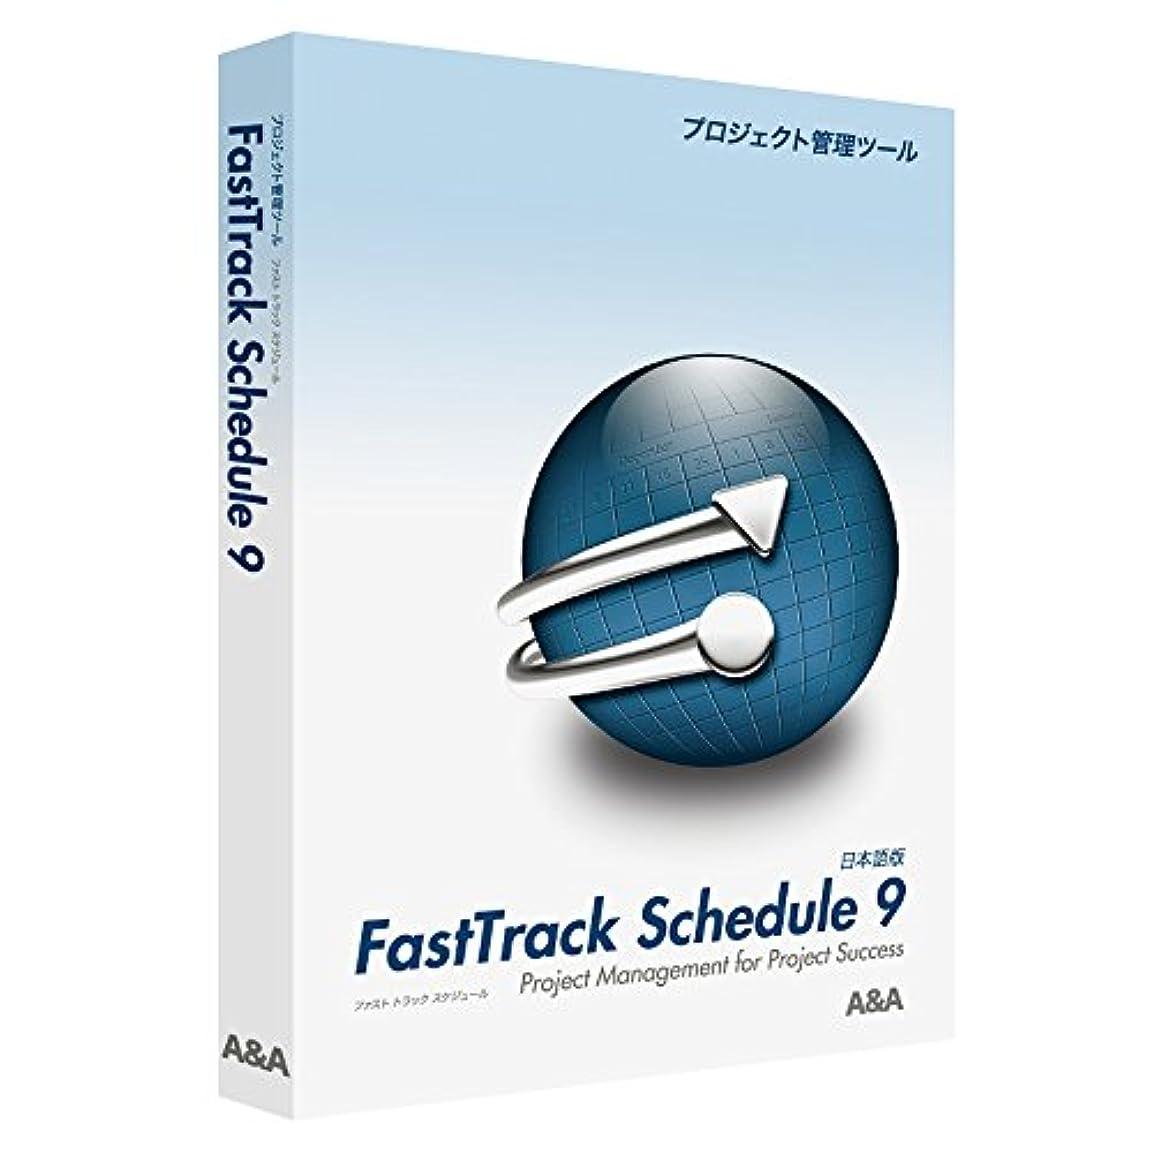 マージ許す身元FastTrack Schedule 9 日本語版スタンドアロン Win